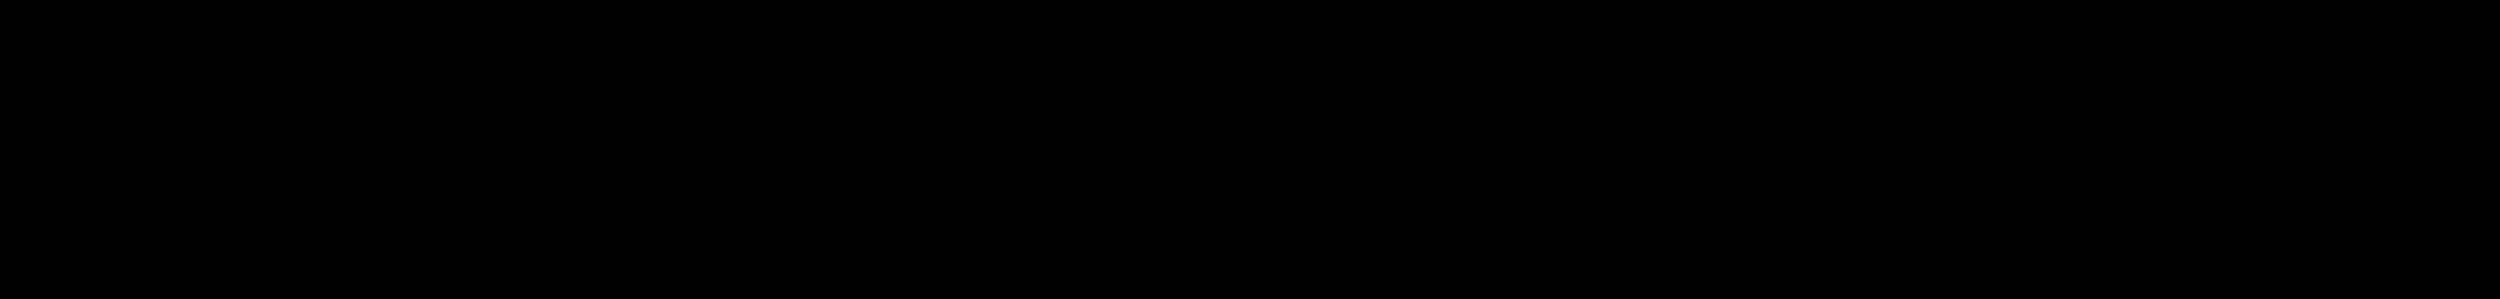 Estée_Lauder_logo_logotype_Estée_Lauder.png